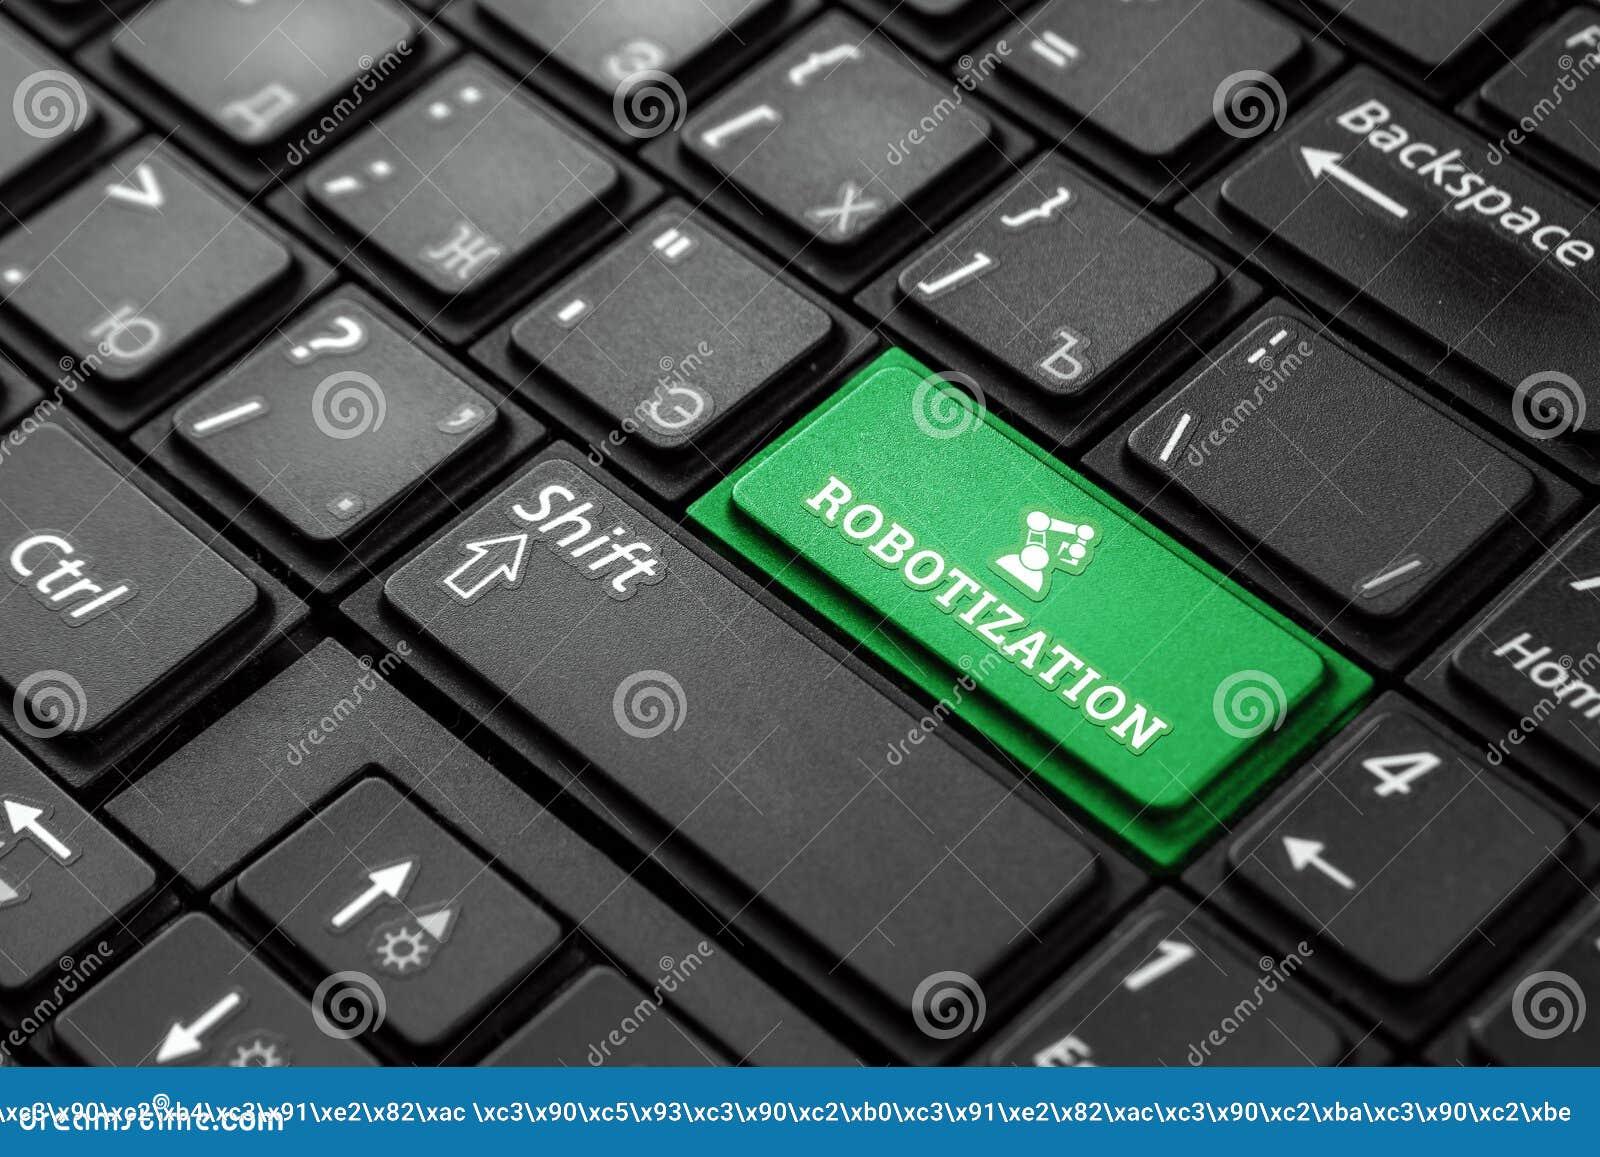 一个绿色按钮的特写镜头有词自动化的,在一个黑键盘 r 概念魔术